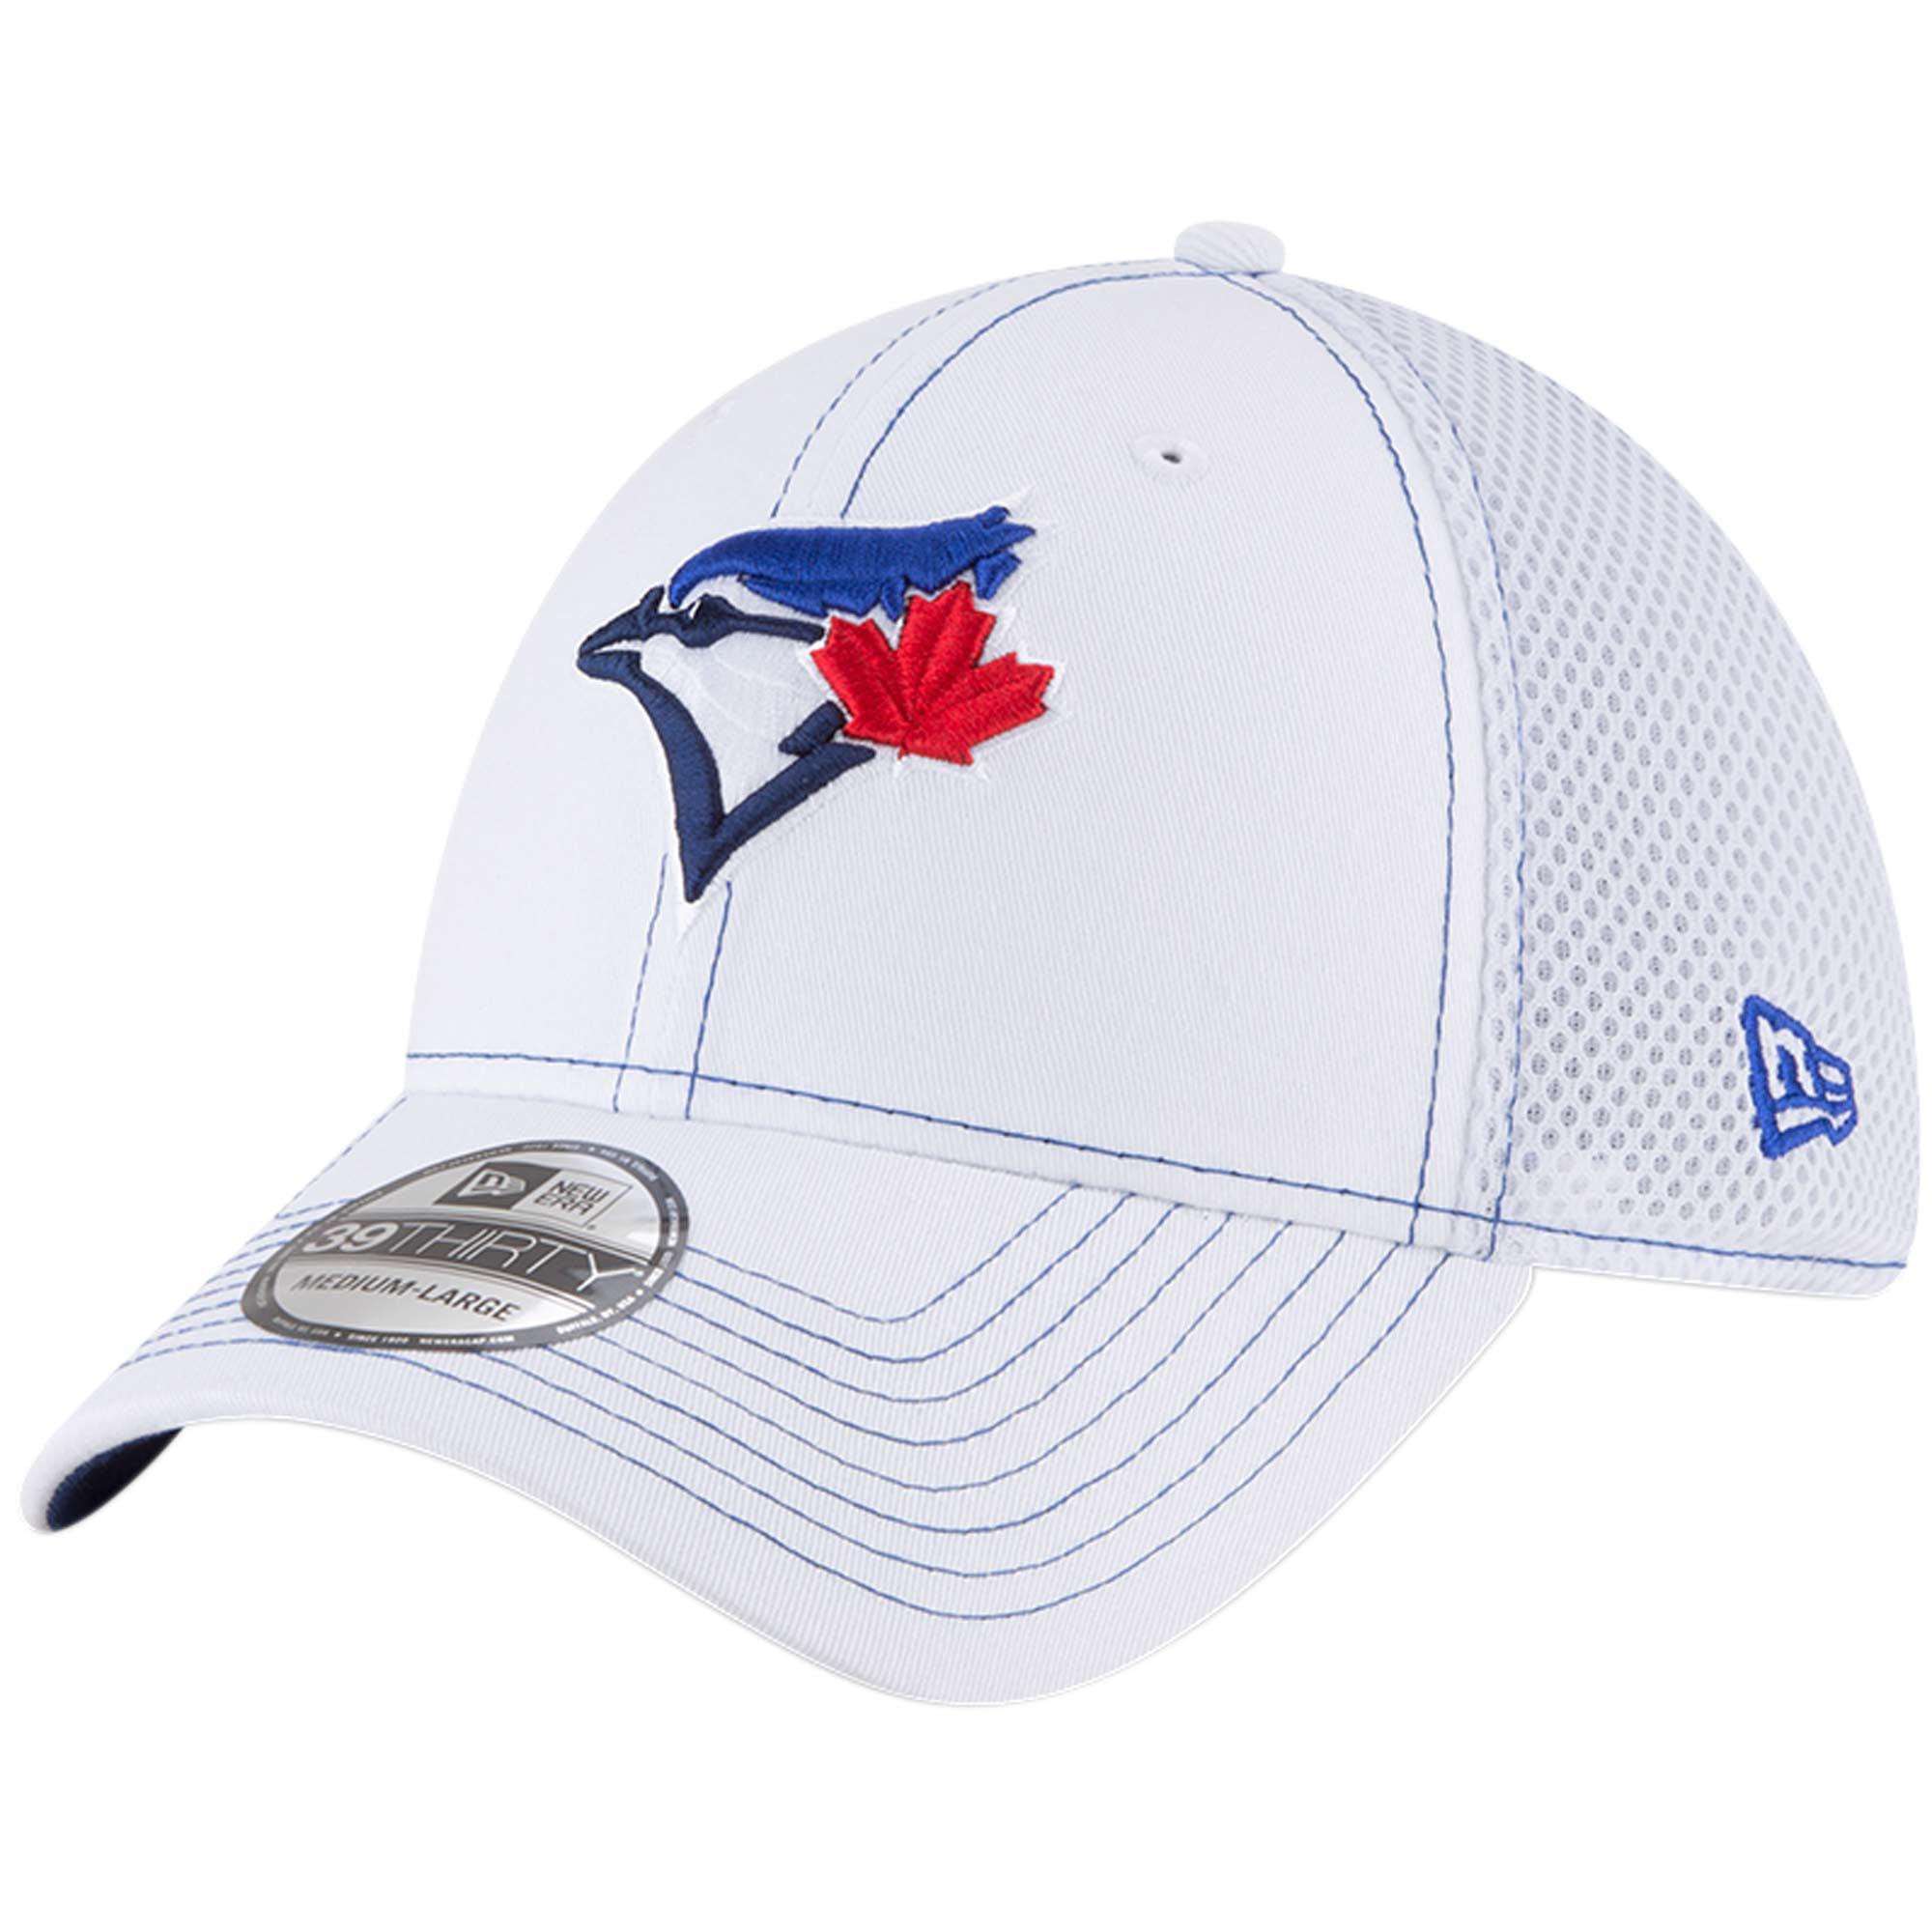 Toronto Blue Jays New Era Team Turn Neo 39THIRTY Flex Hat - White